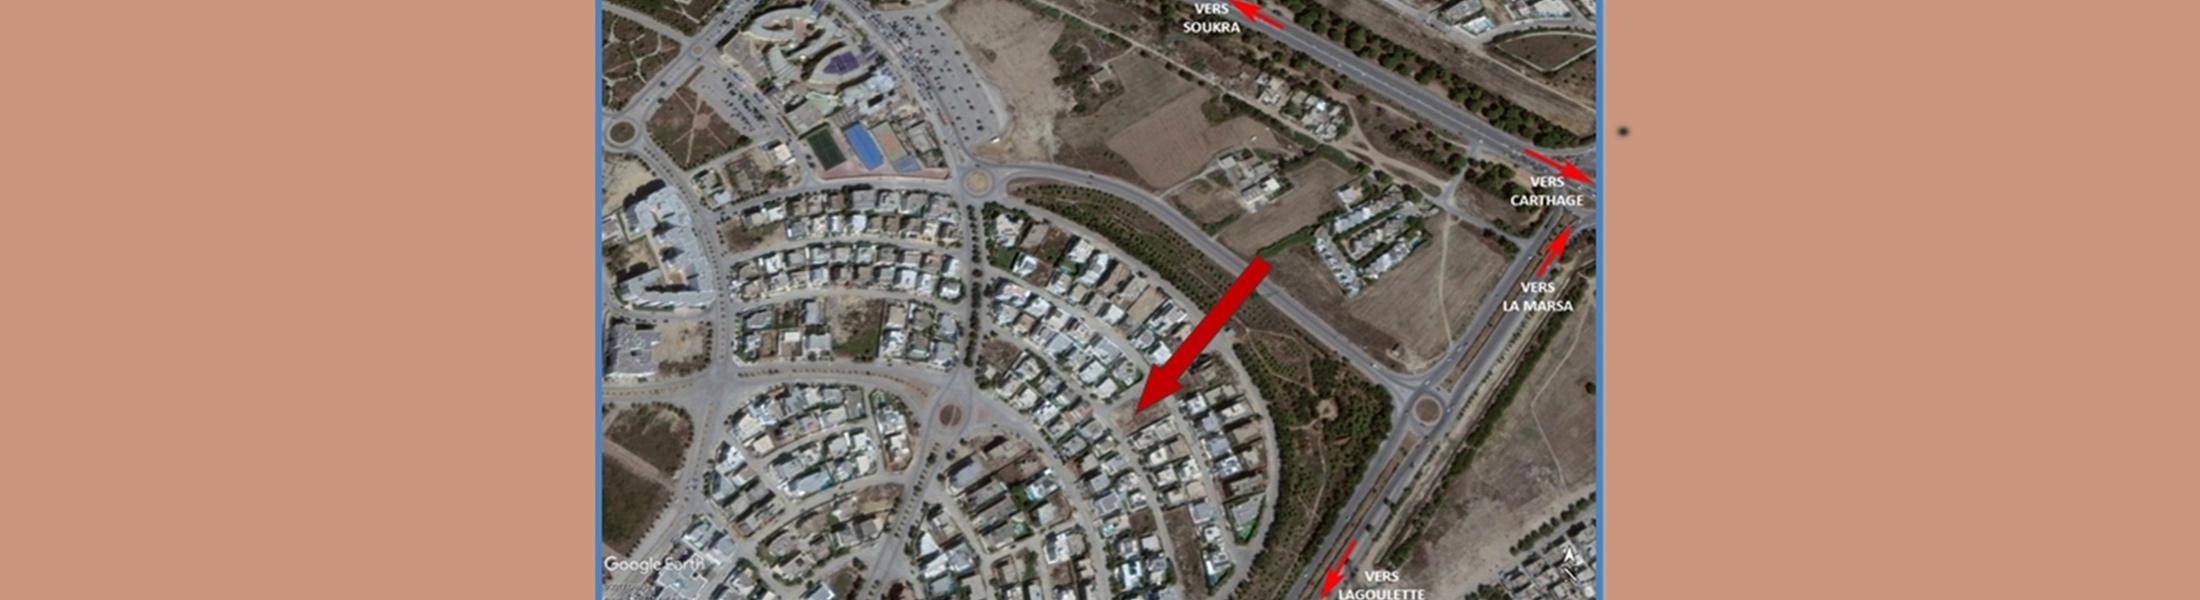 المقسم تانيت 219 - حدائق قرطاج (طلب عروض عدد 06 لسنة 2020)